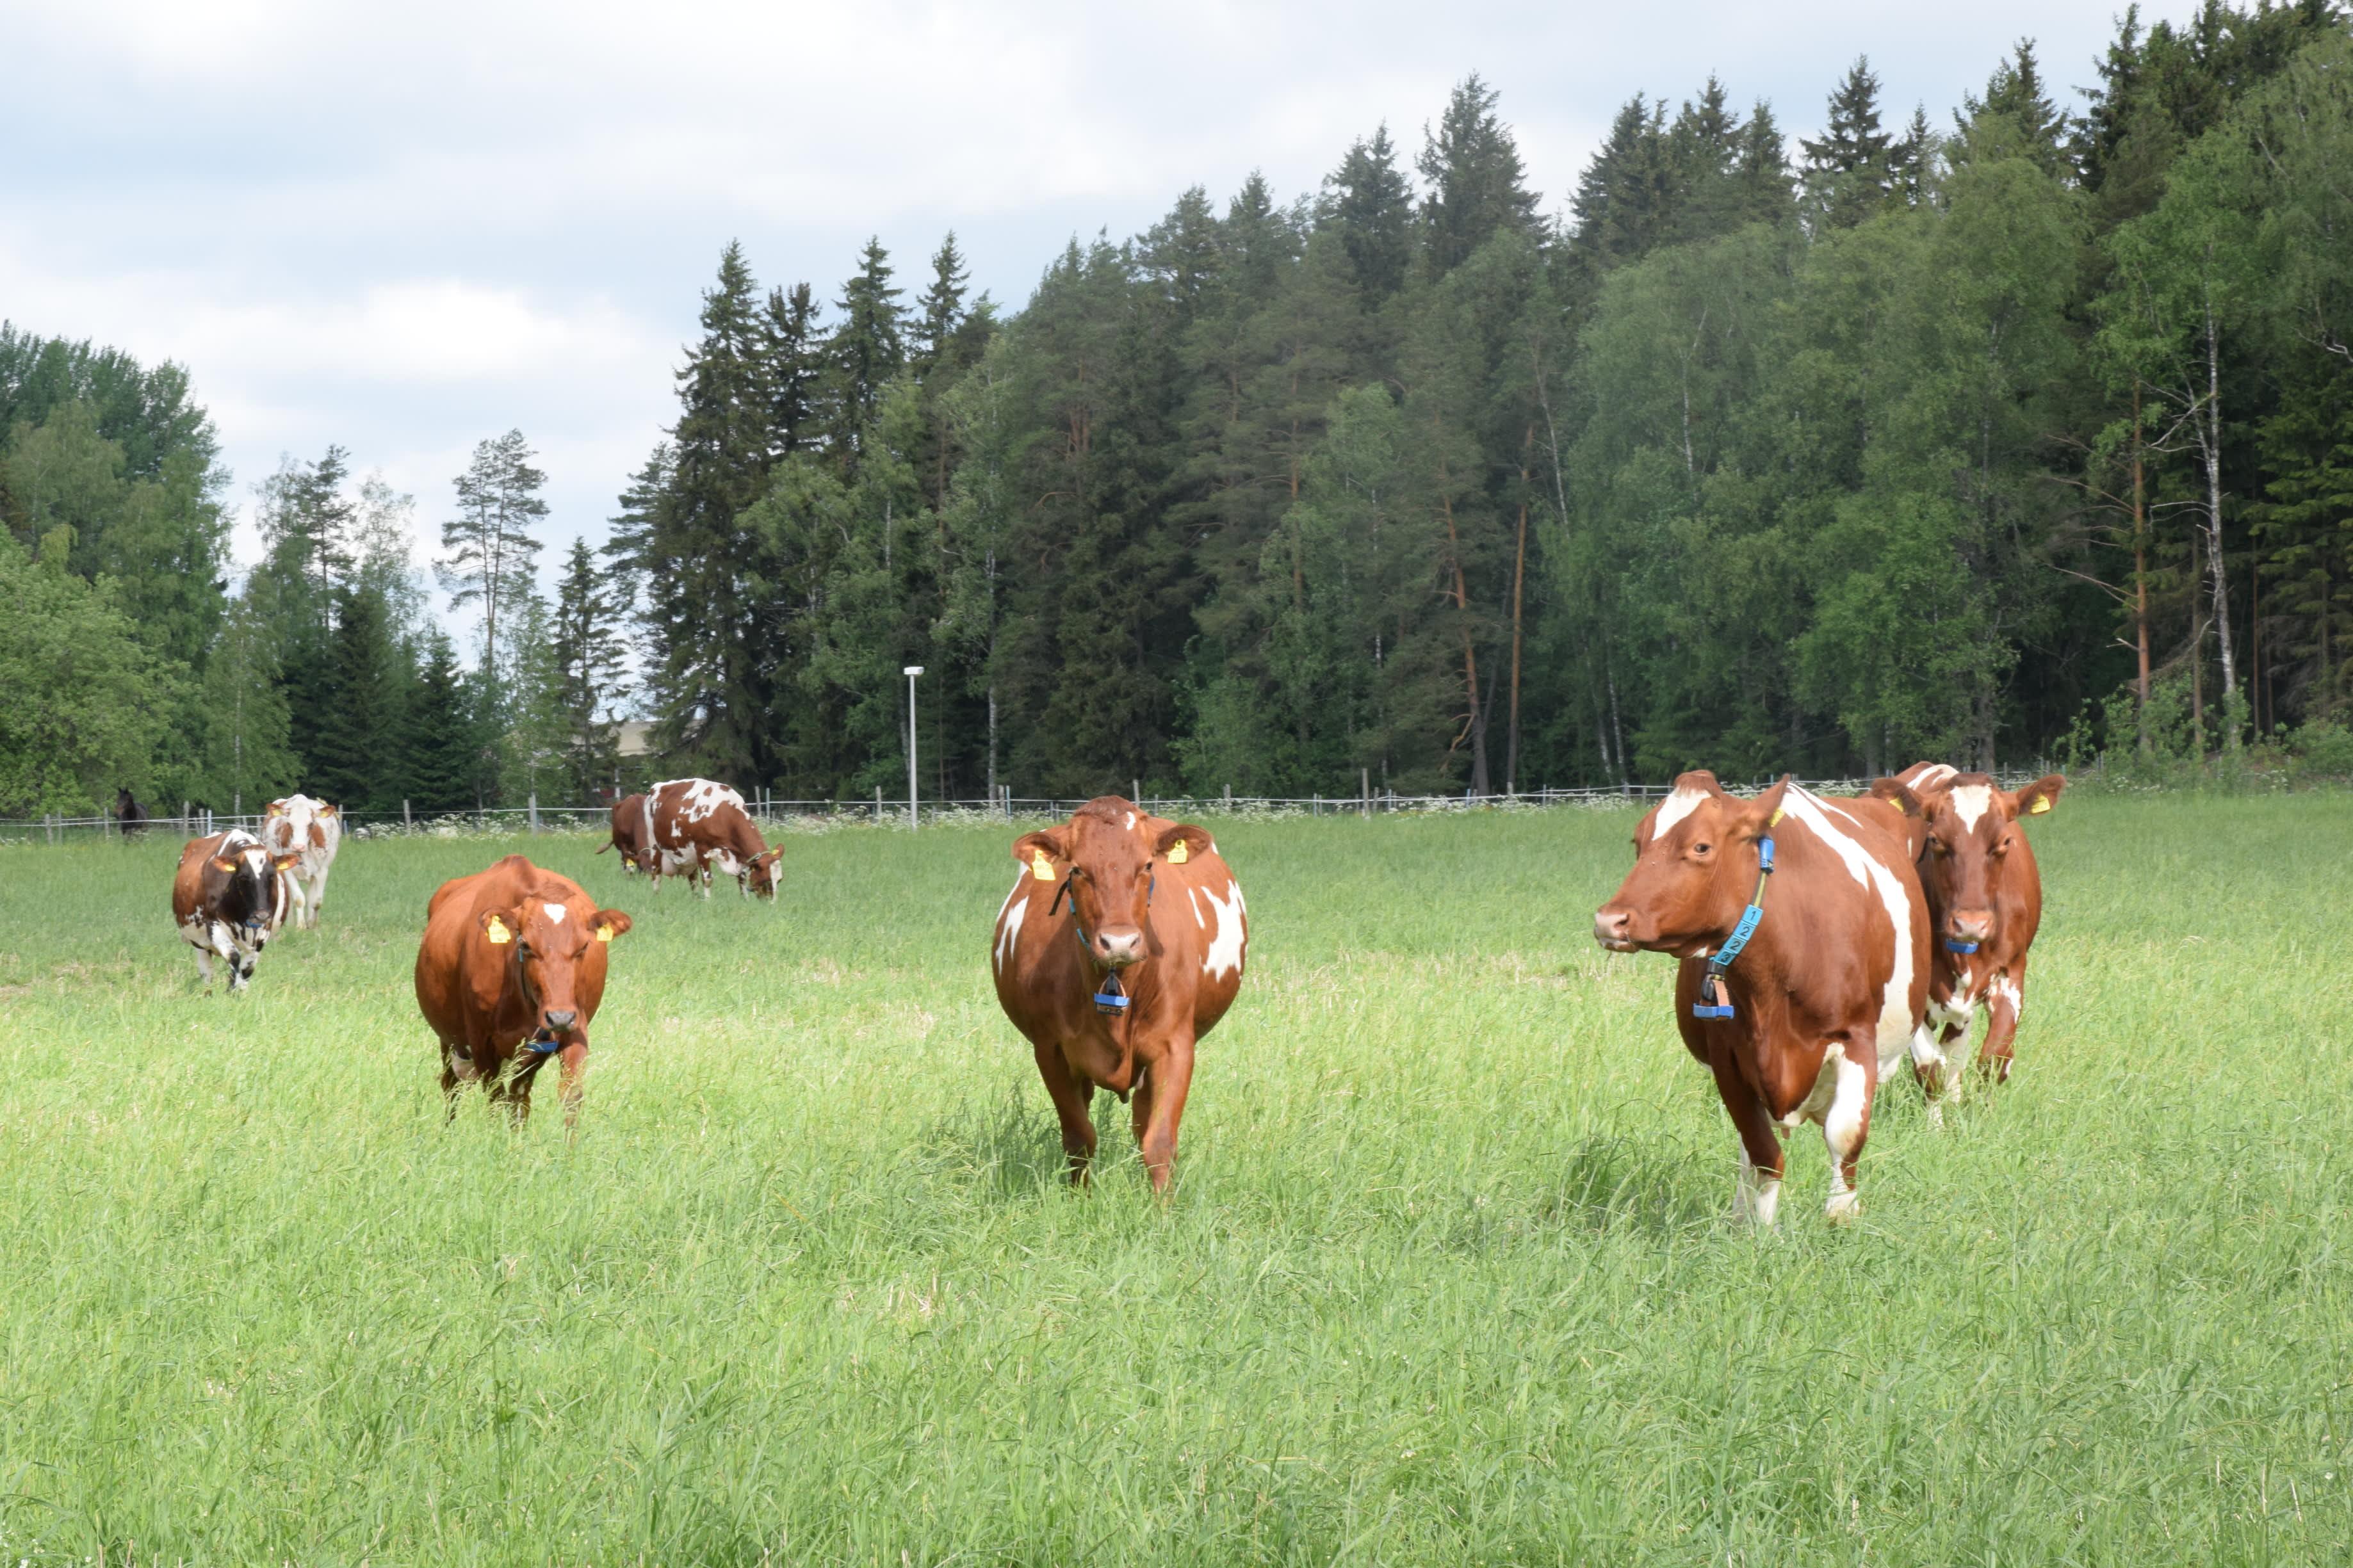 Lehmät kävelevät kohti kameraa kesäisellä laitumella